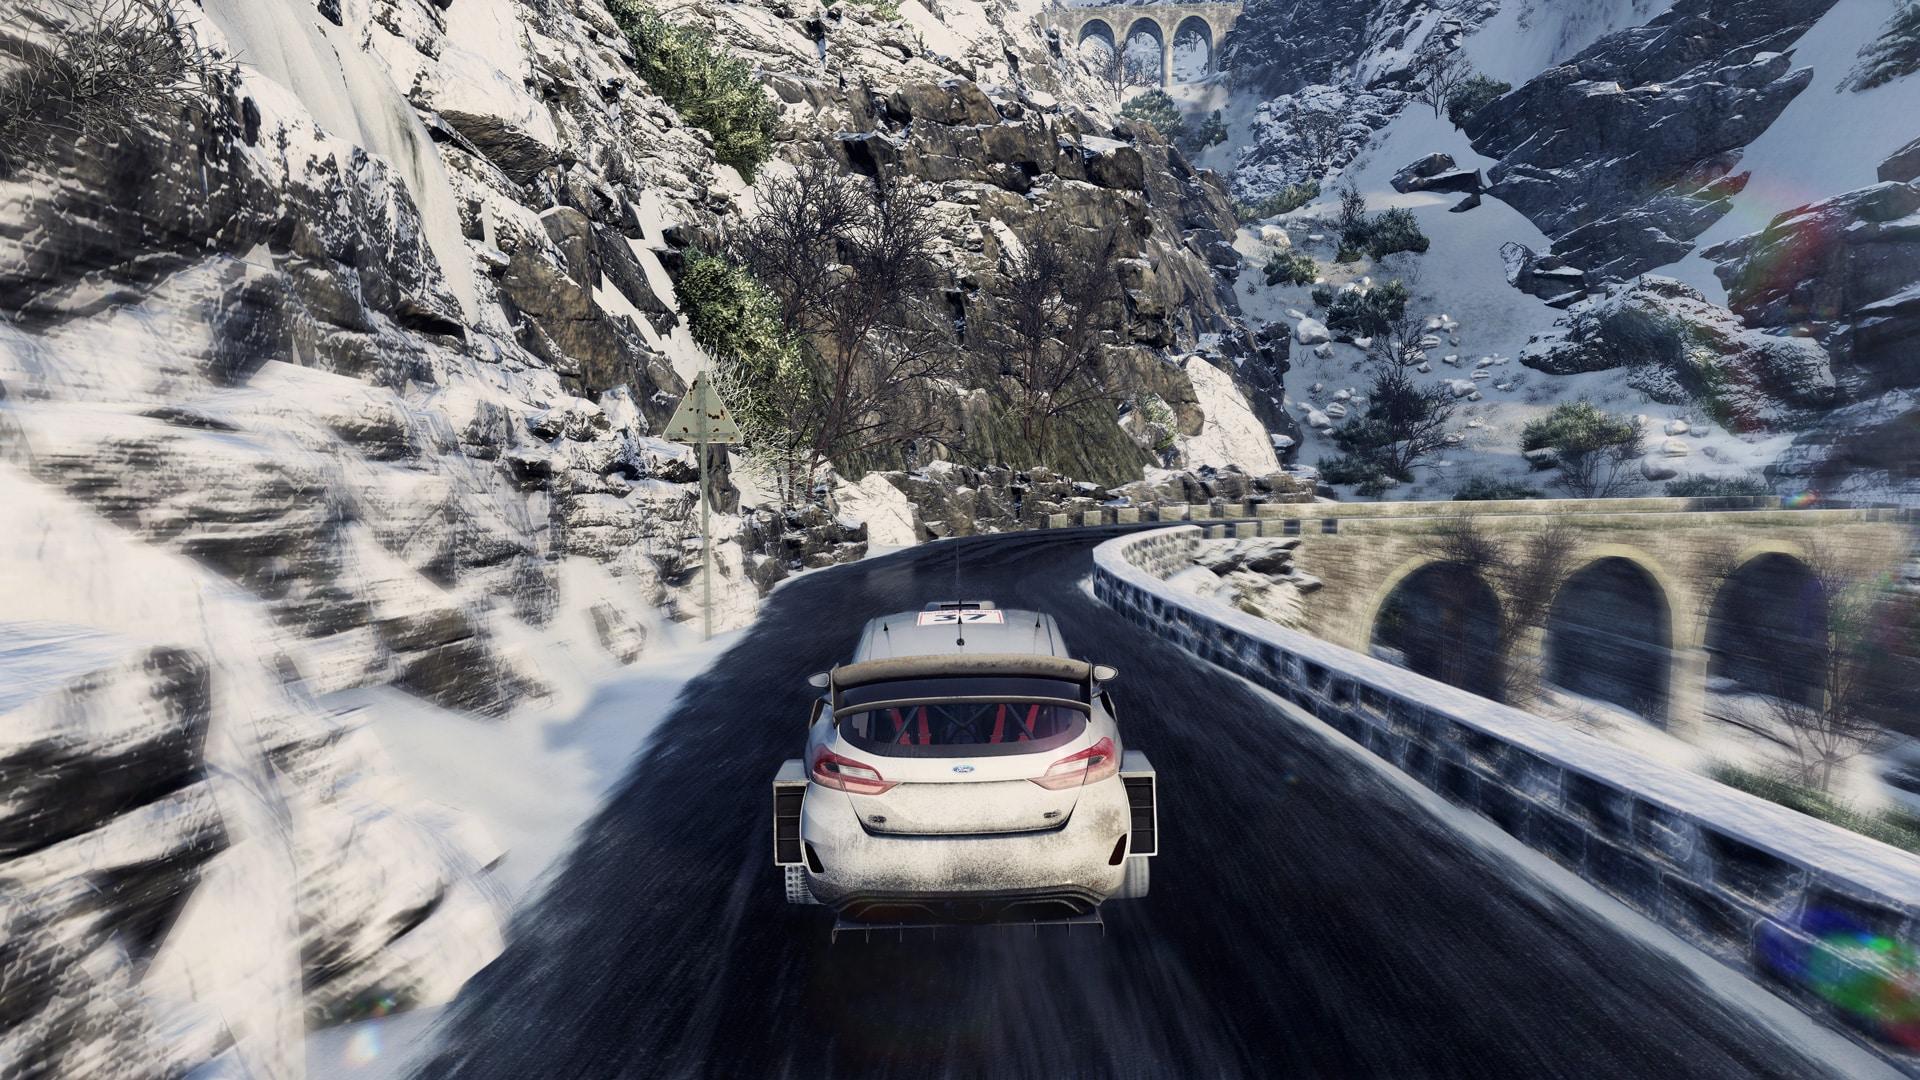 (Gerücht) Die neue WRC 8 ist das nächste exklusive epische Spiel!  zwei